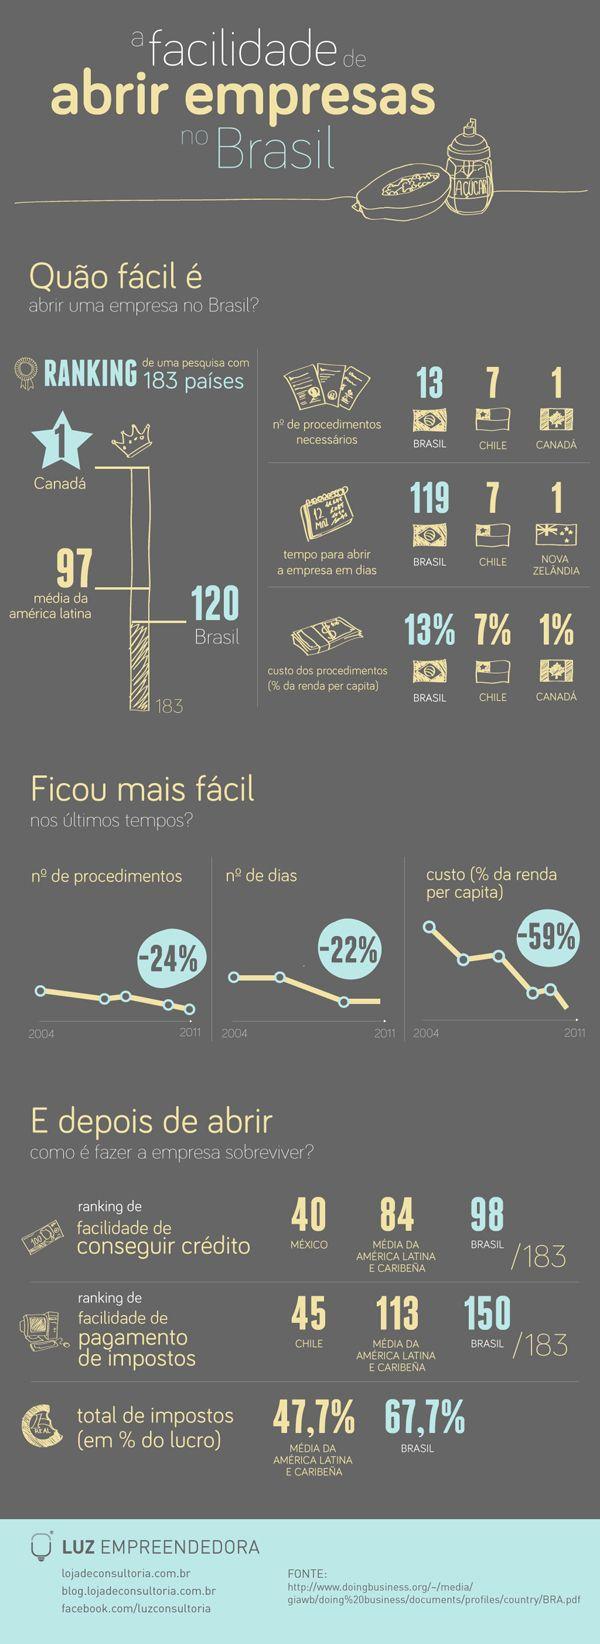 FACILIDADE-DE-ABRIR-EMPRESAS-NO-BRASIL